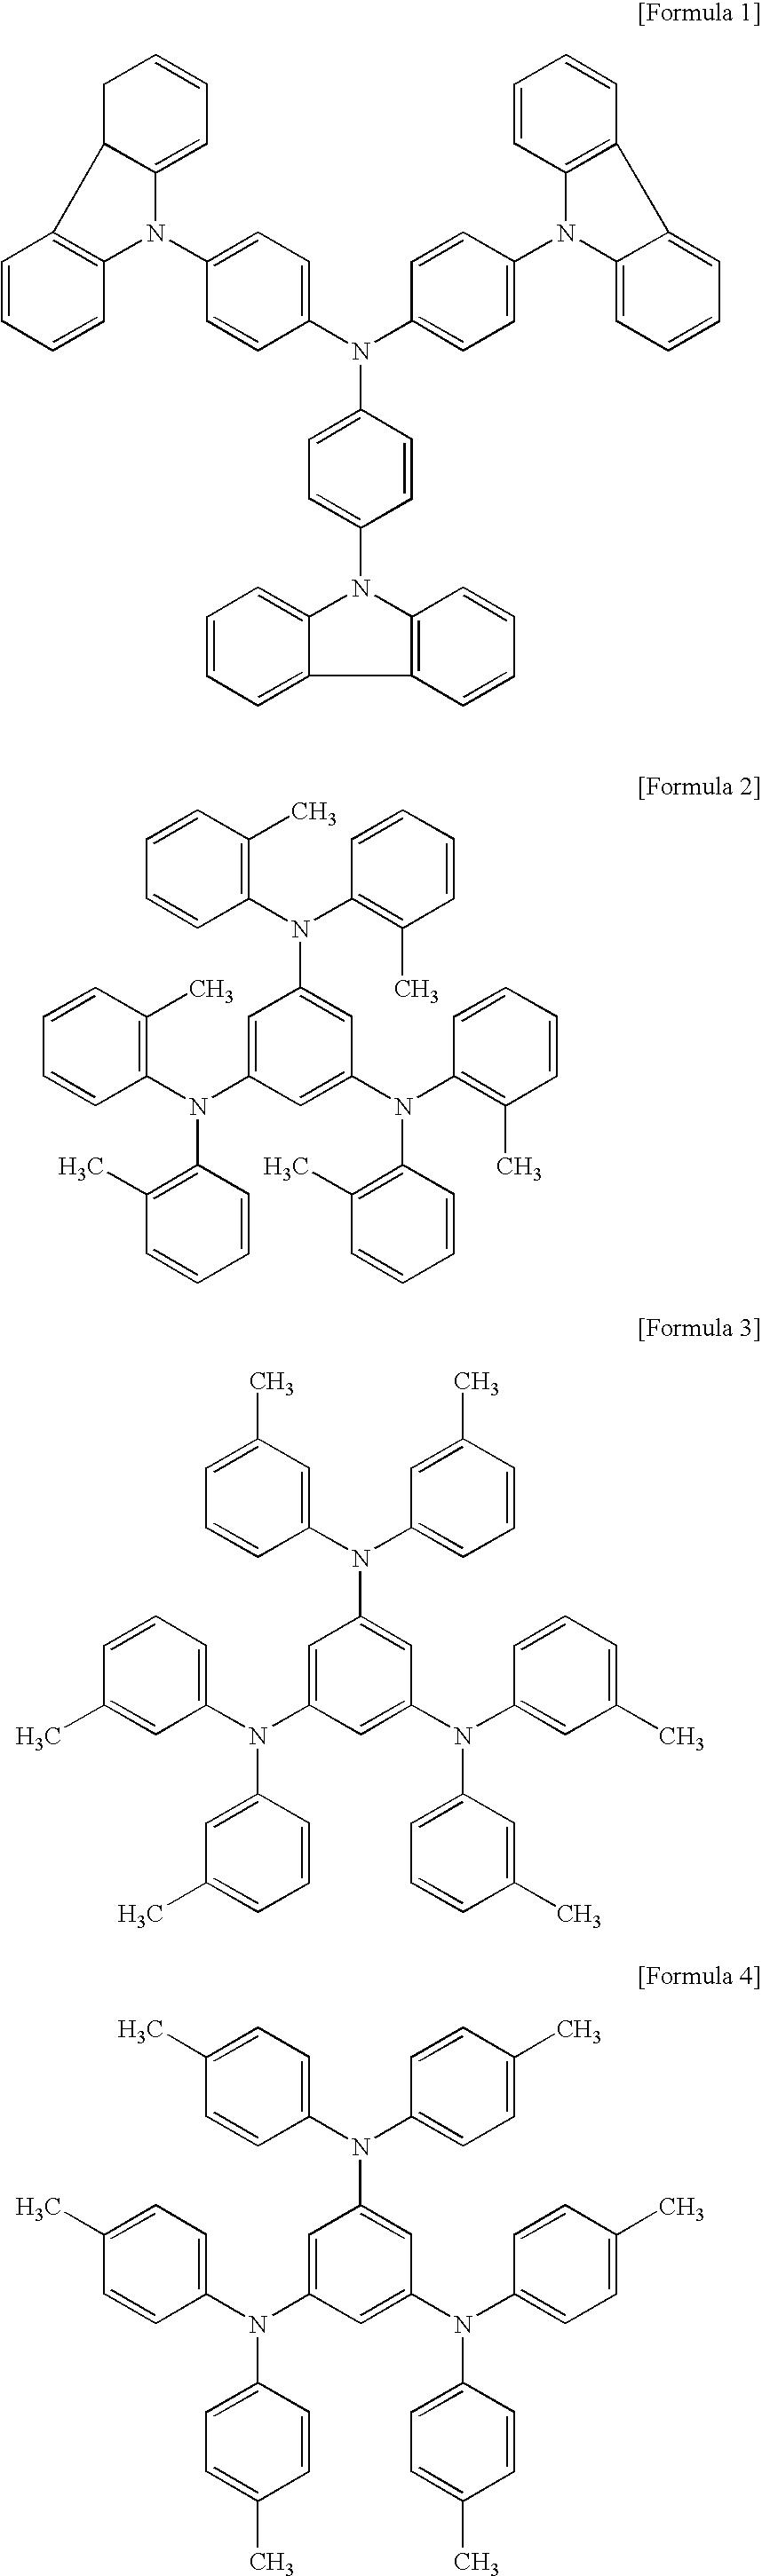 Figure US20090121626A1-20090514-C00001